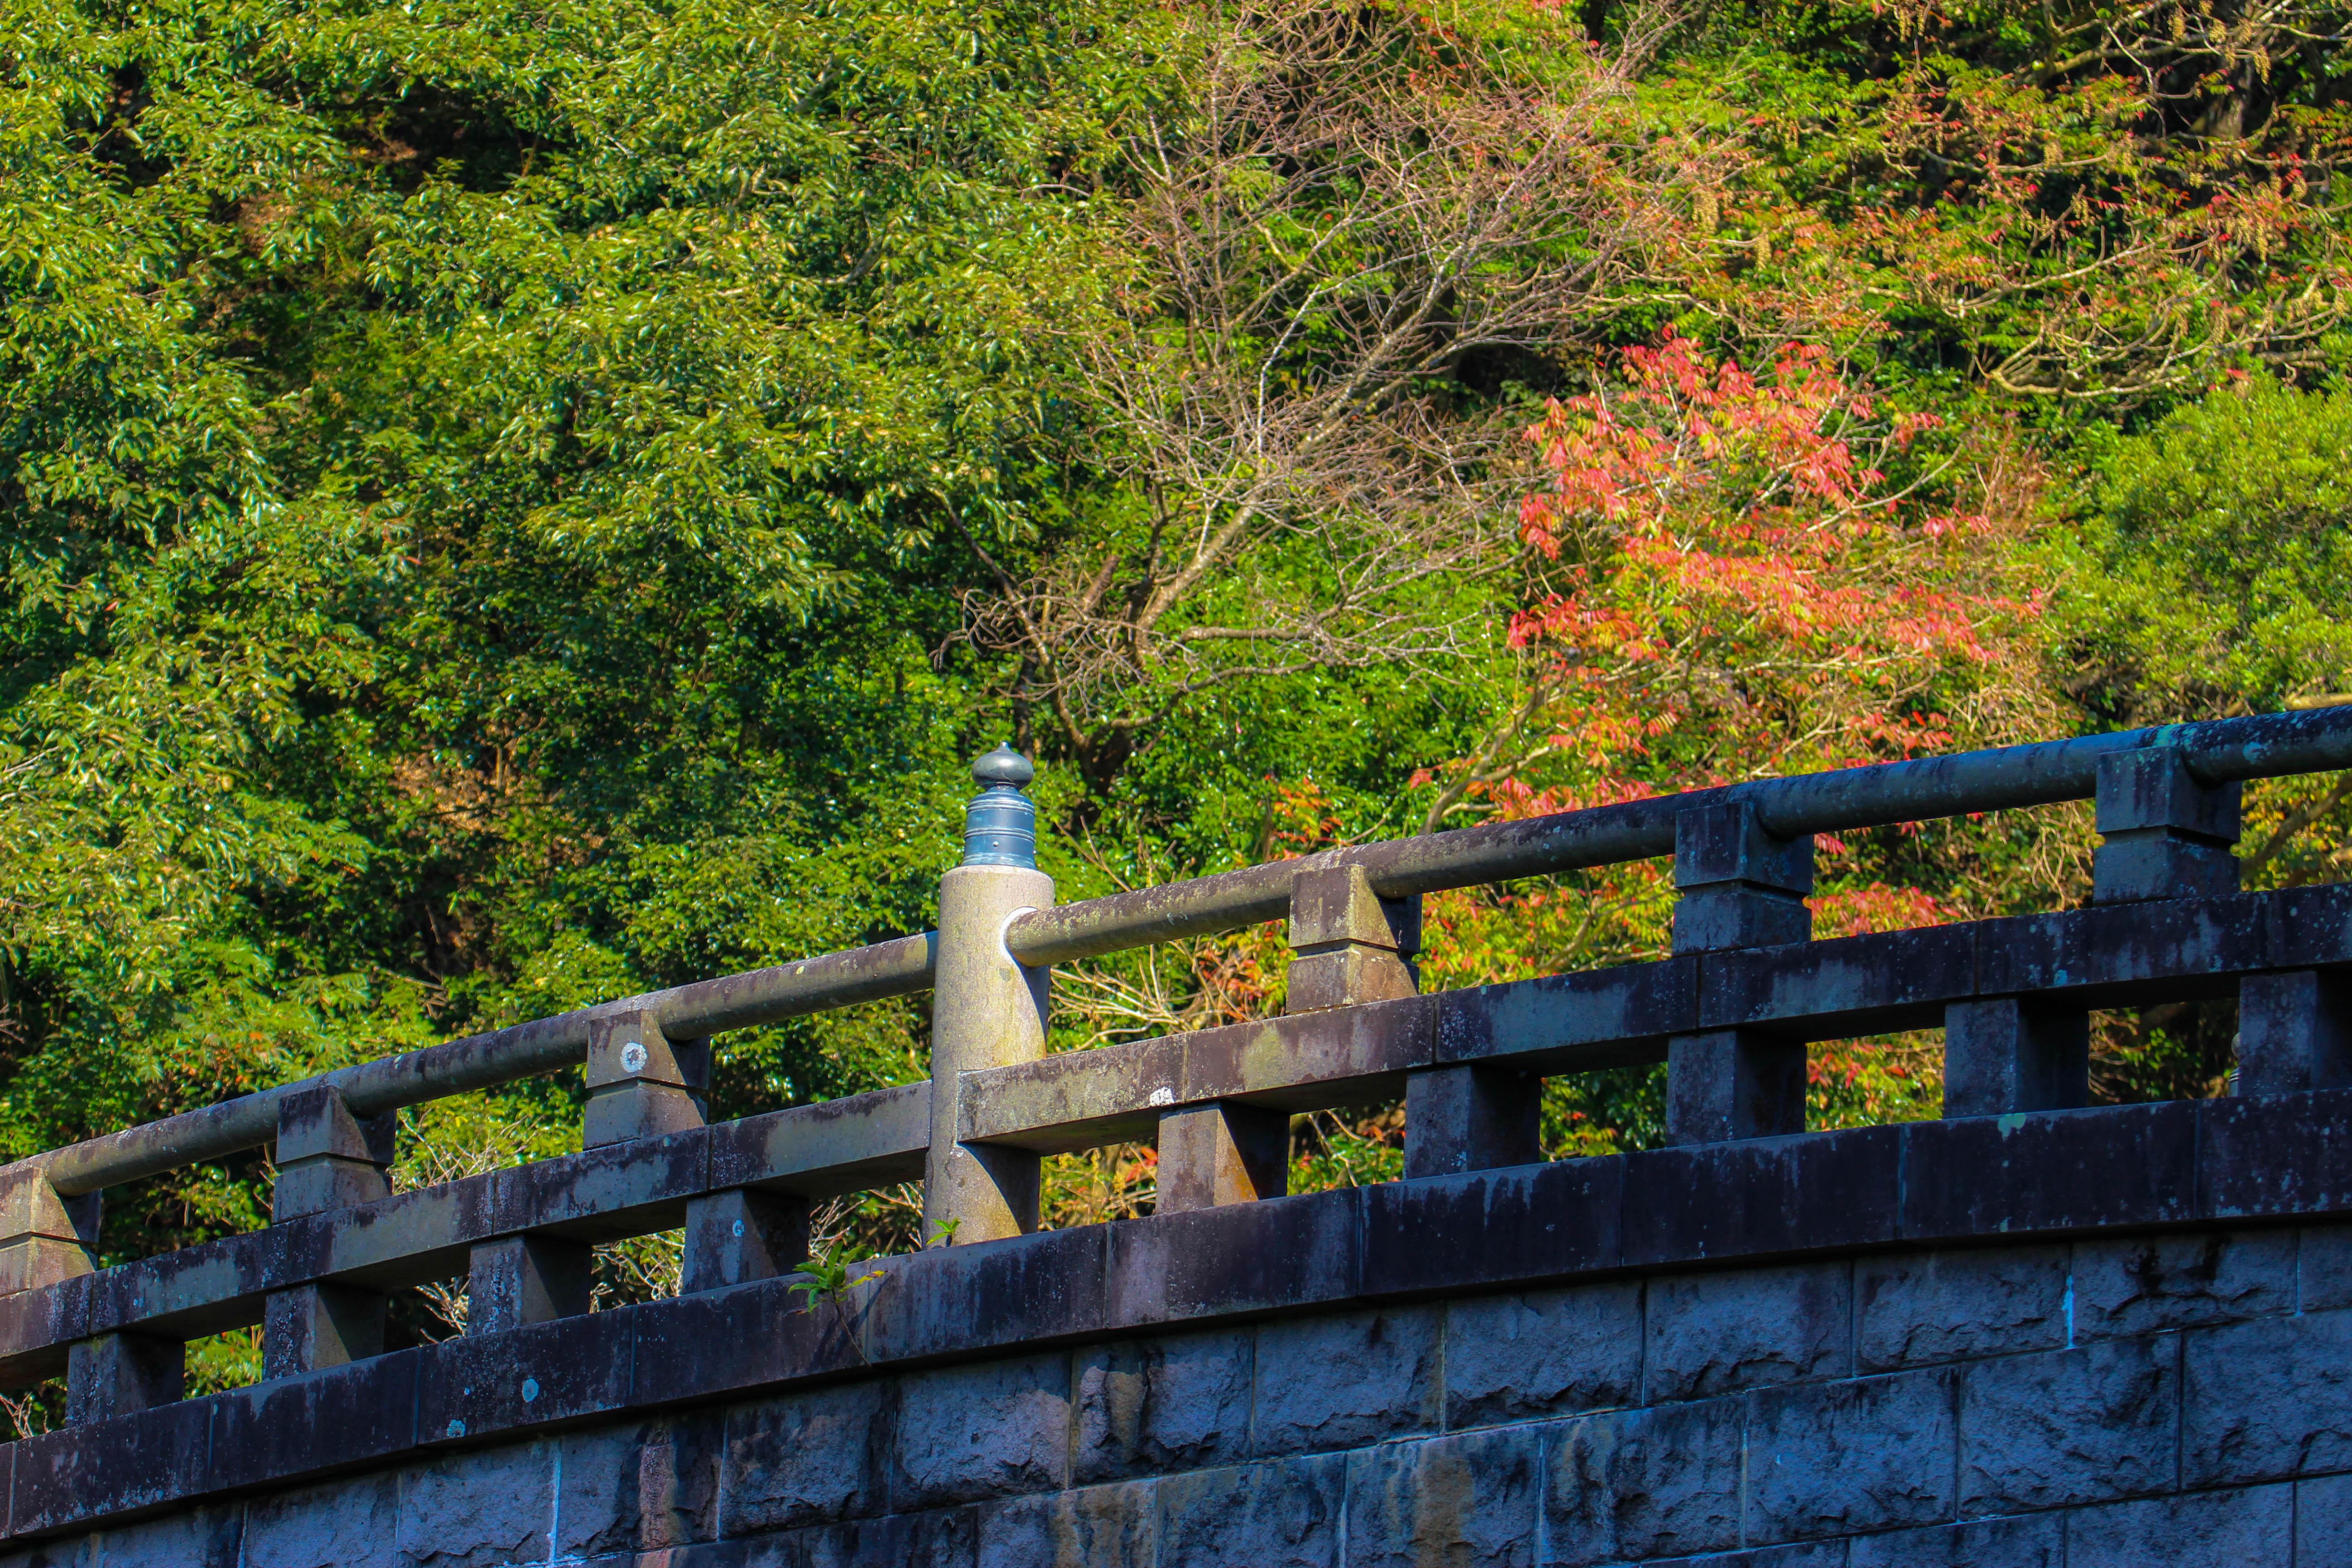 園内の奥にある石橋と後方の木々との相性も良い